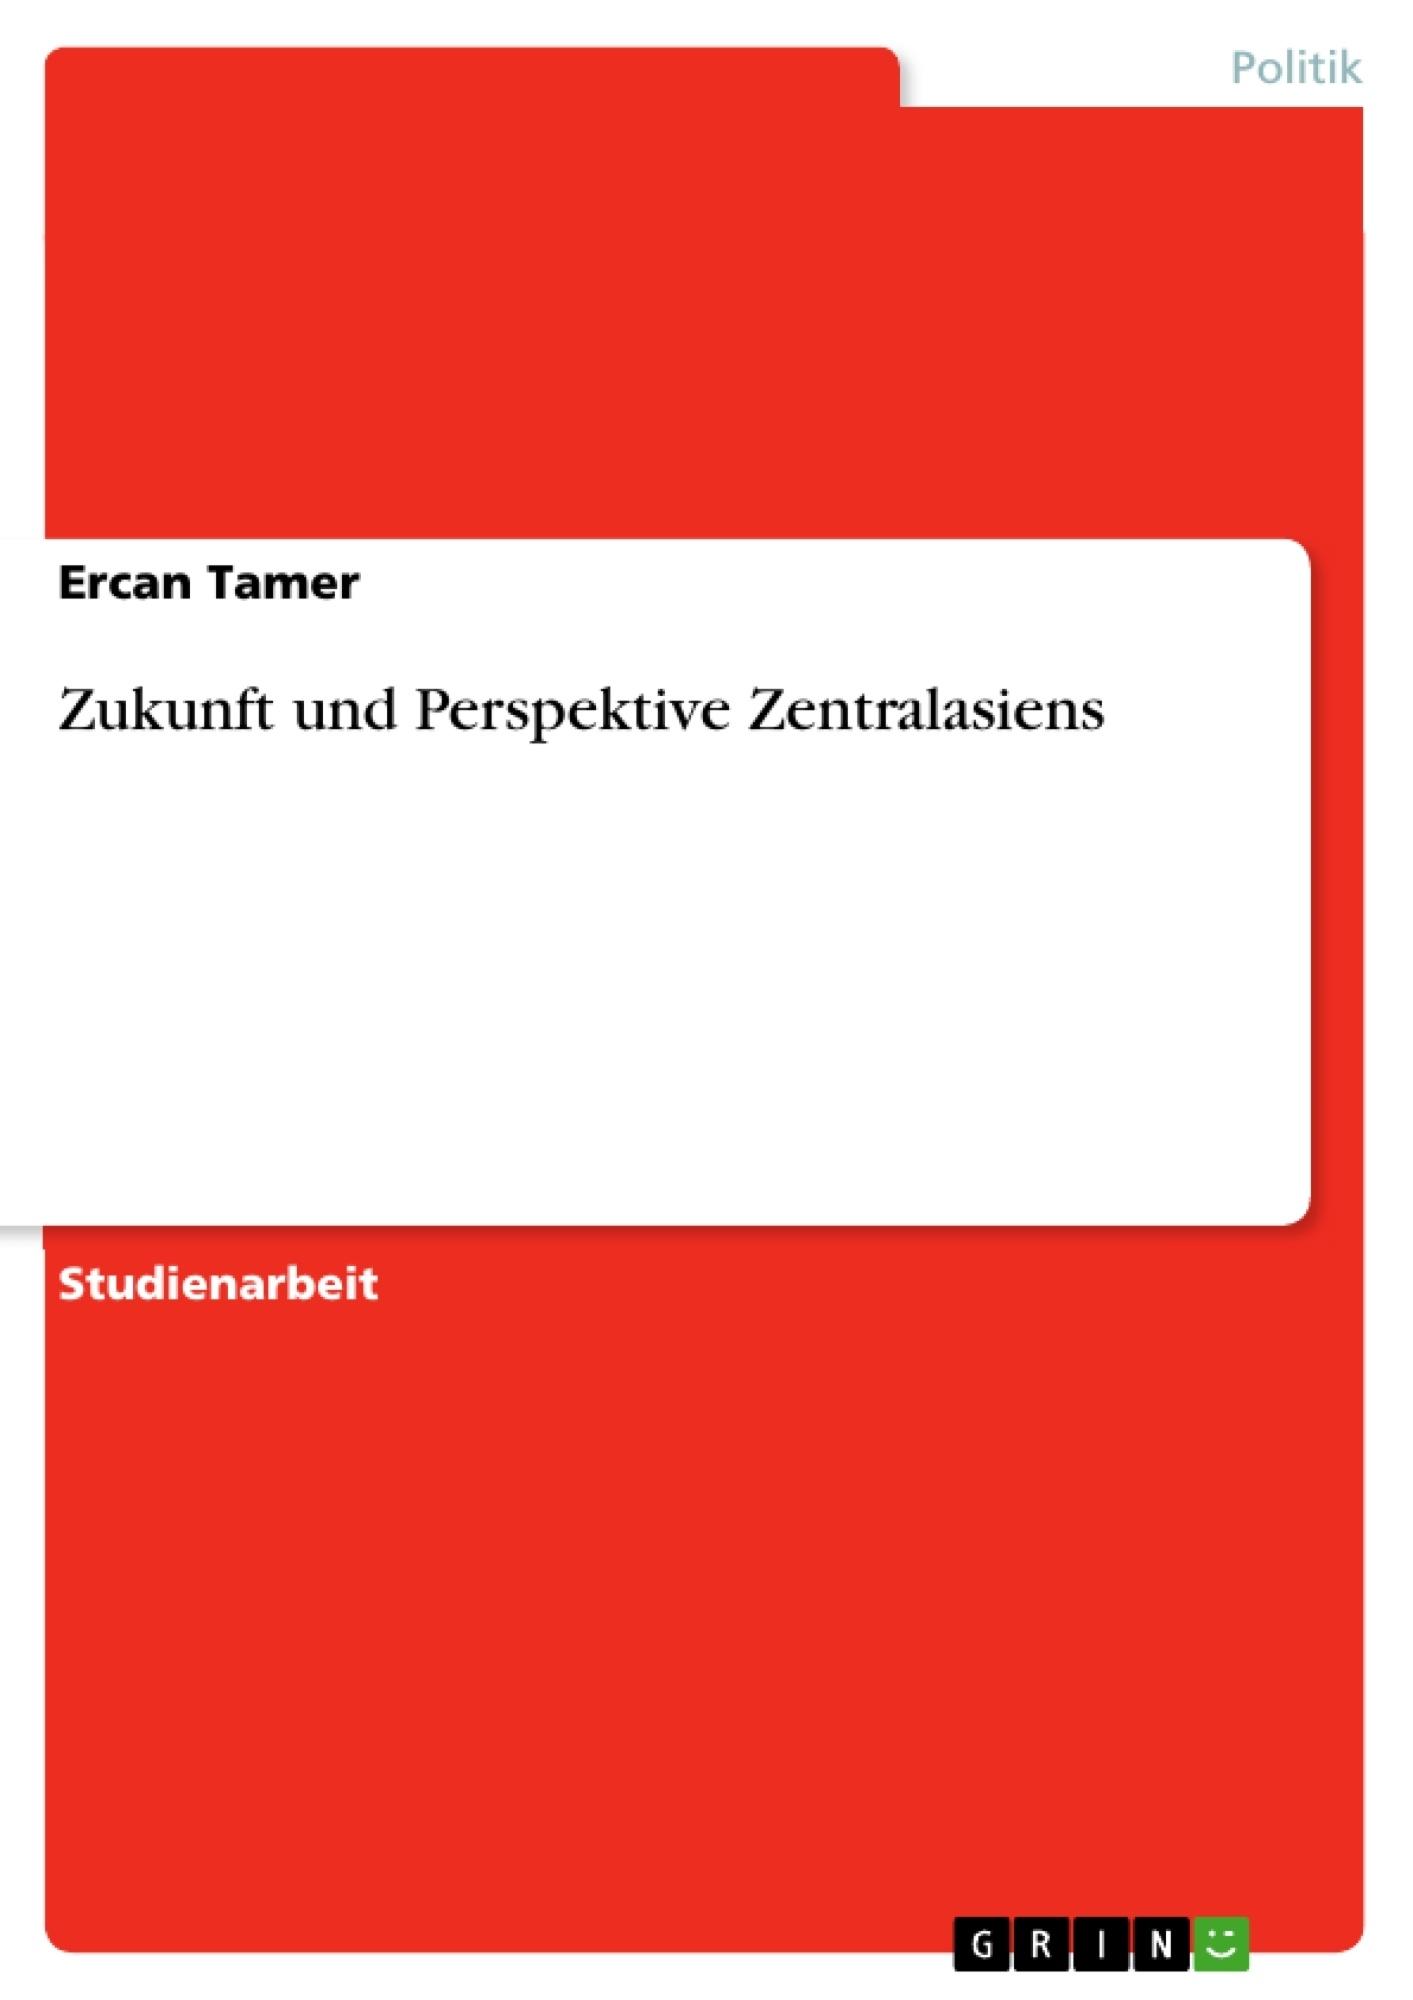 Titel: Zukunft und Perspektive Zentralasiens